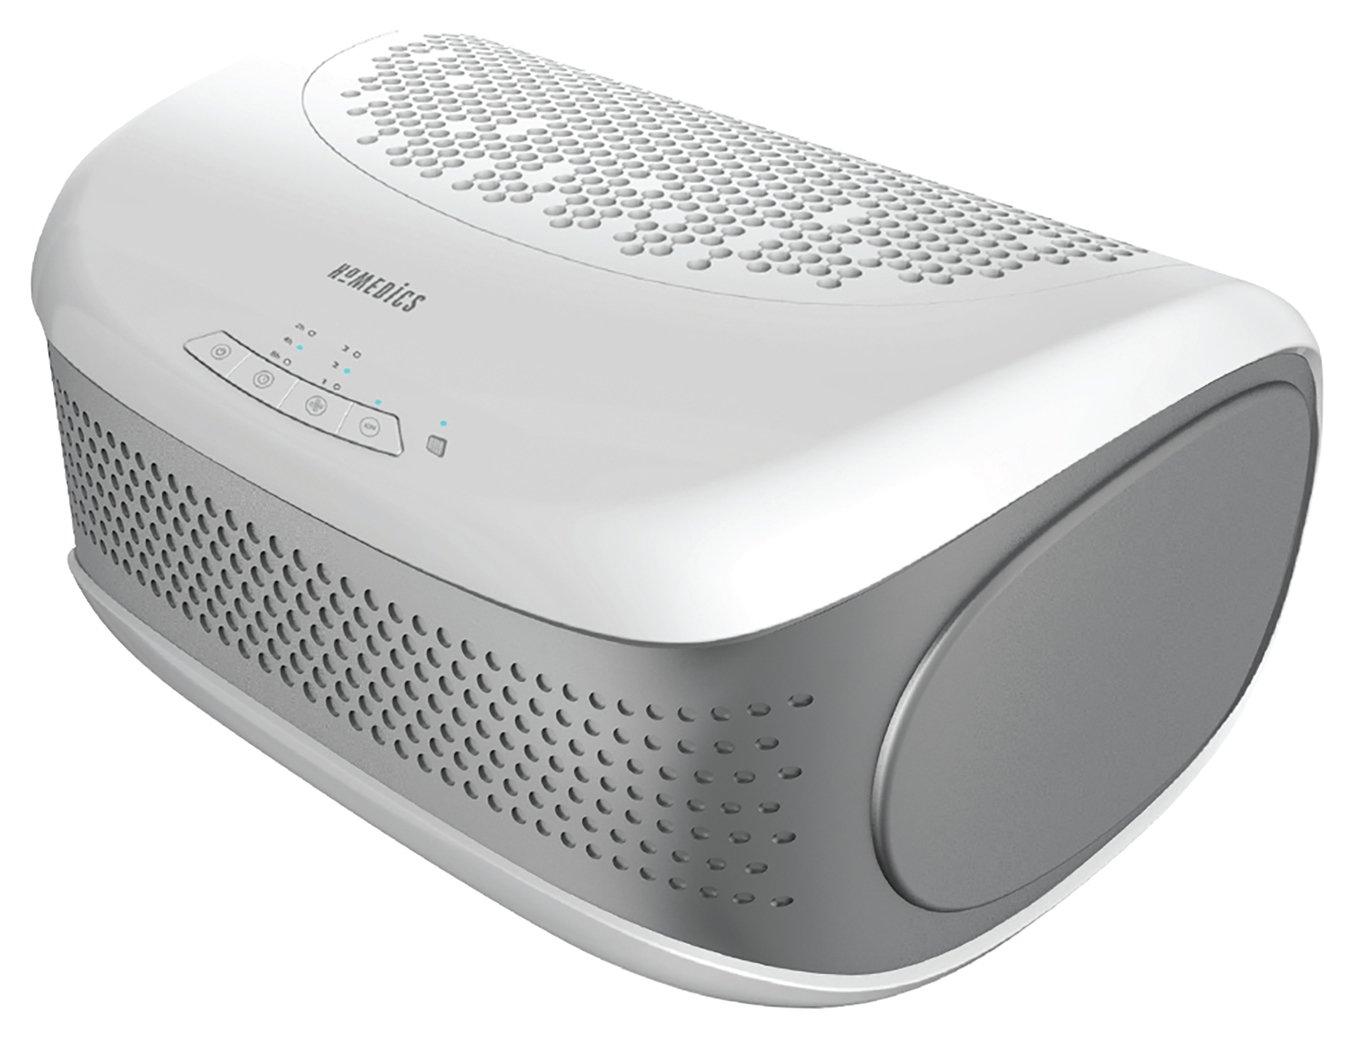 HoMedics AP-DT10 Desktop Air Purifier